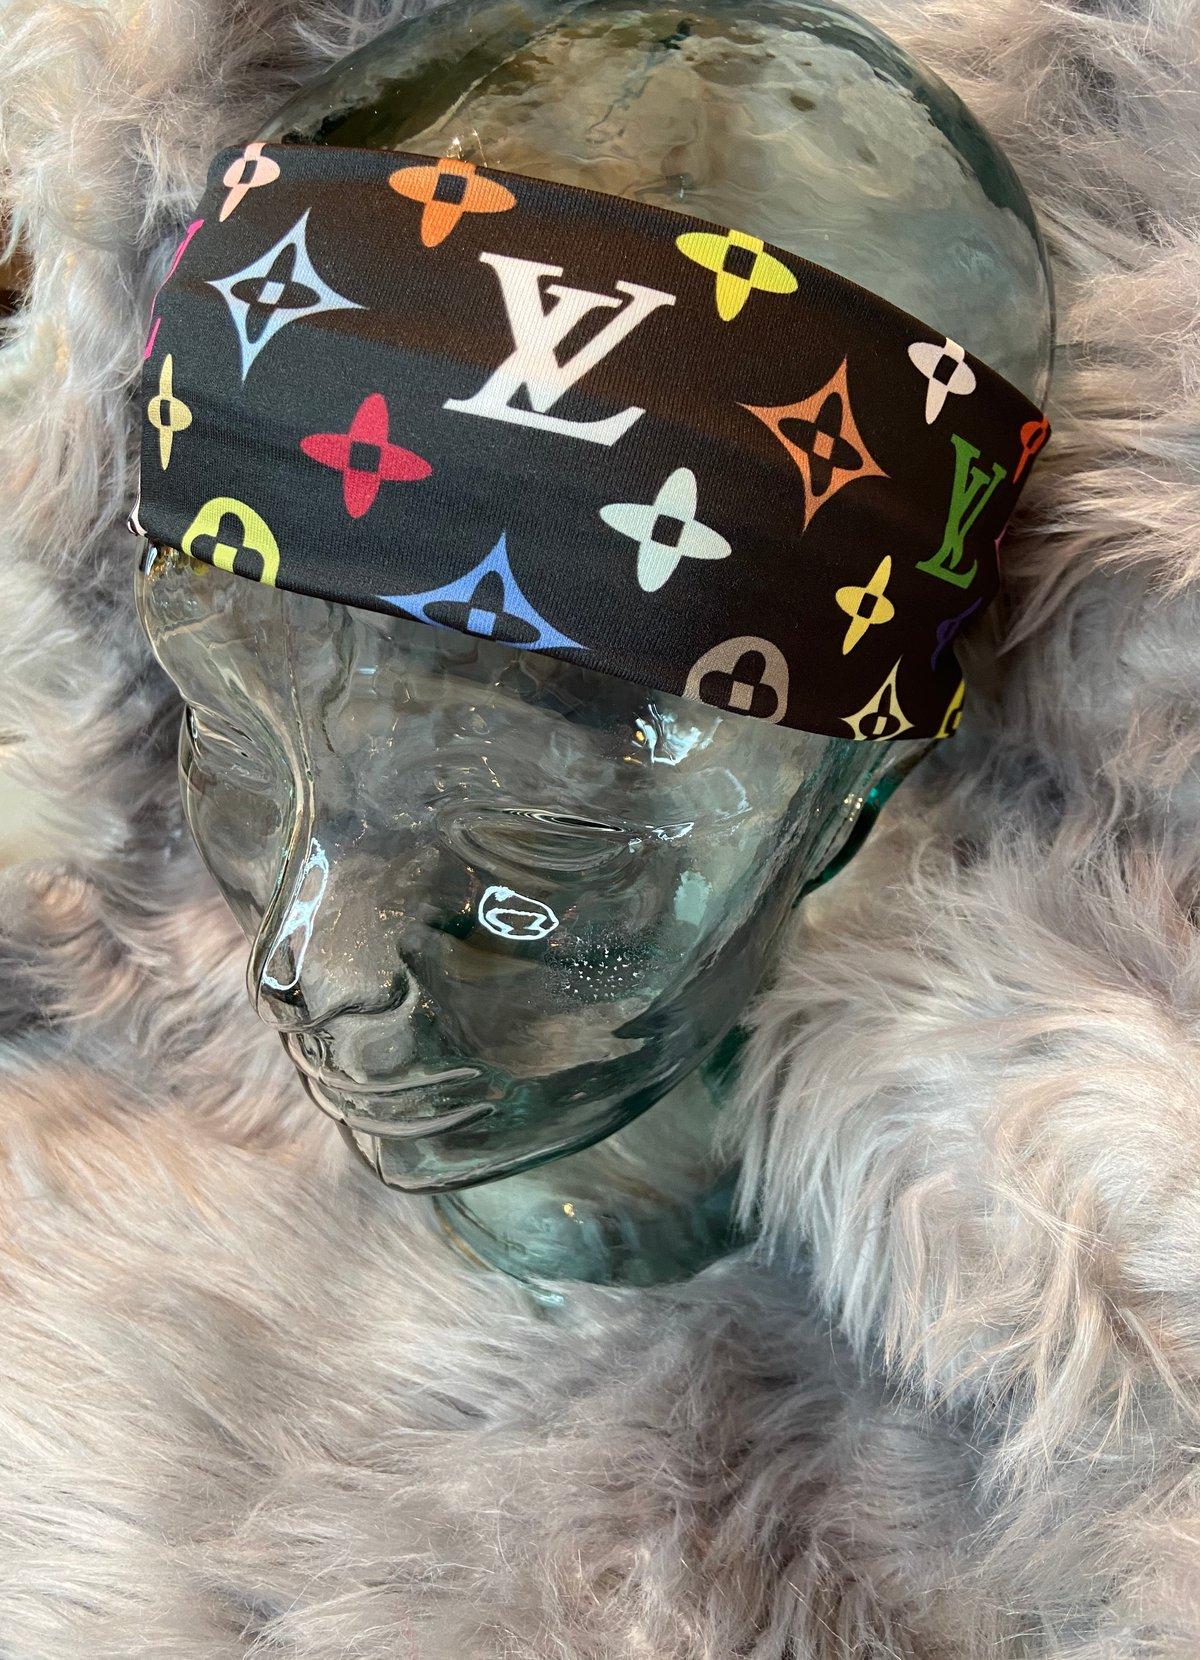 Image of Louis Vuitton Headband